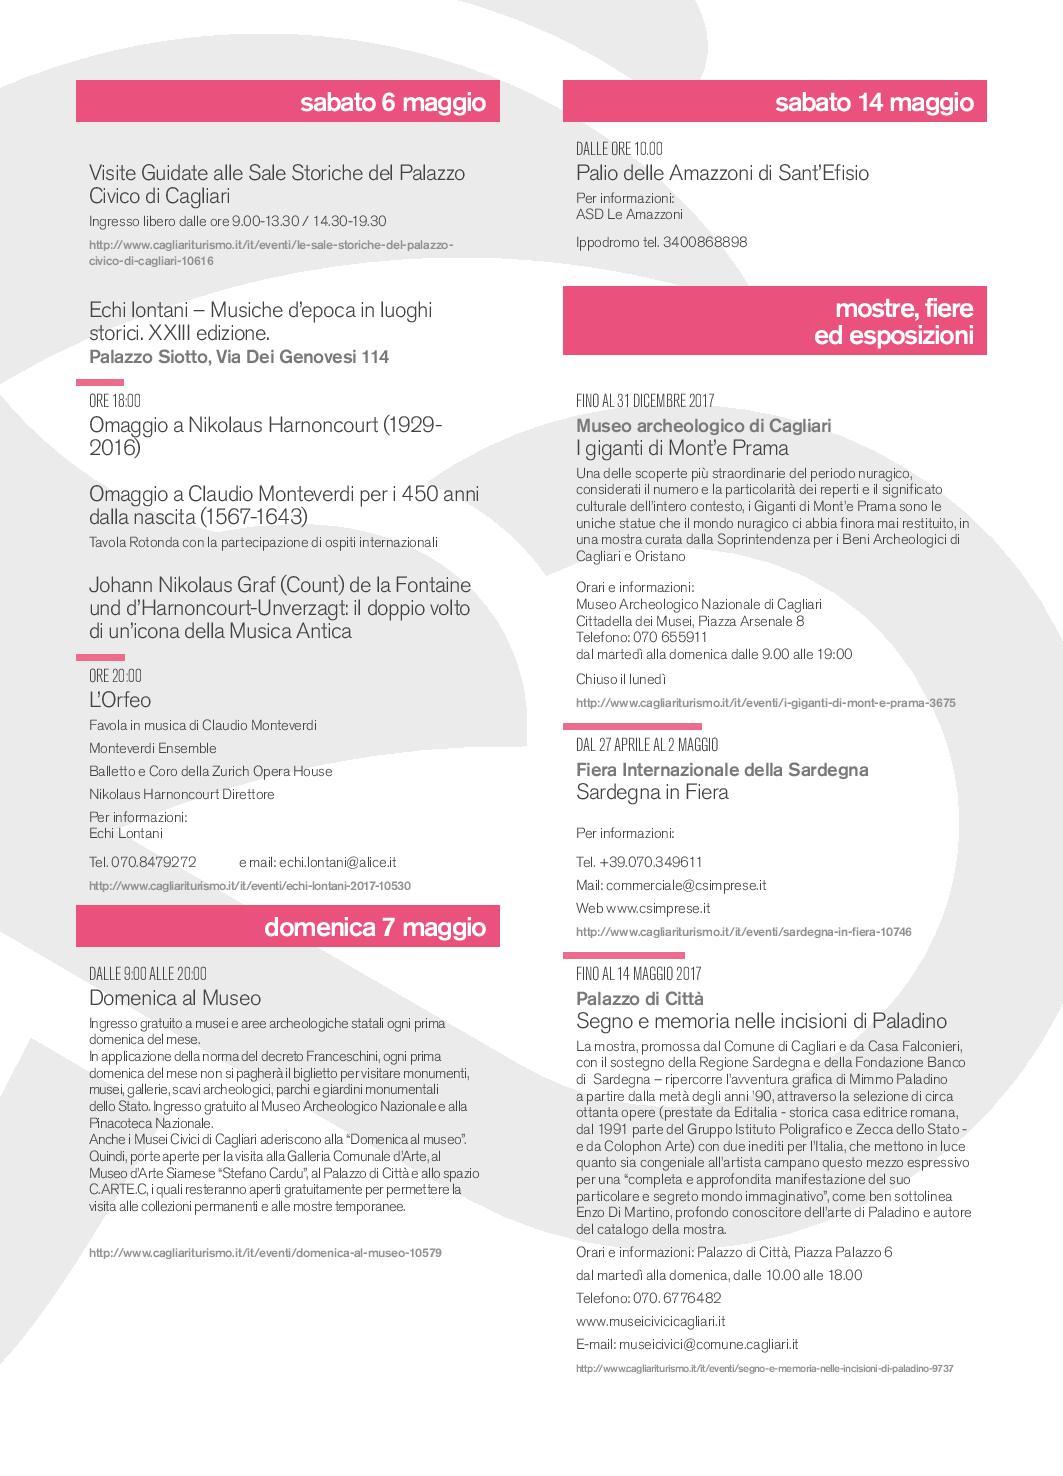 Programma eevnti collatterali Cagliari-page-003